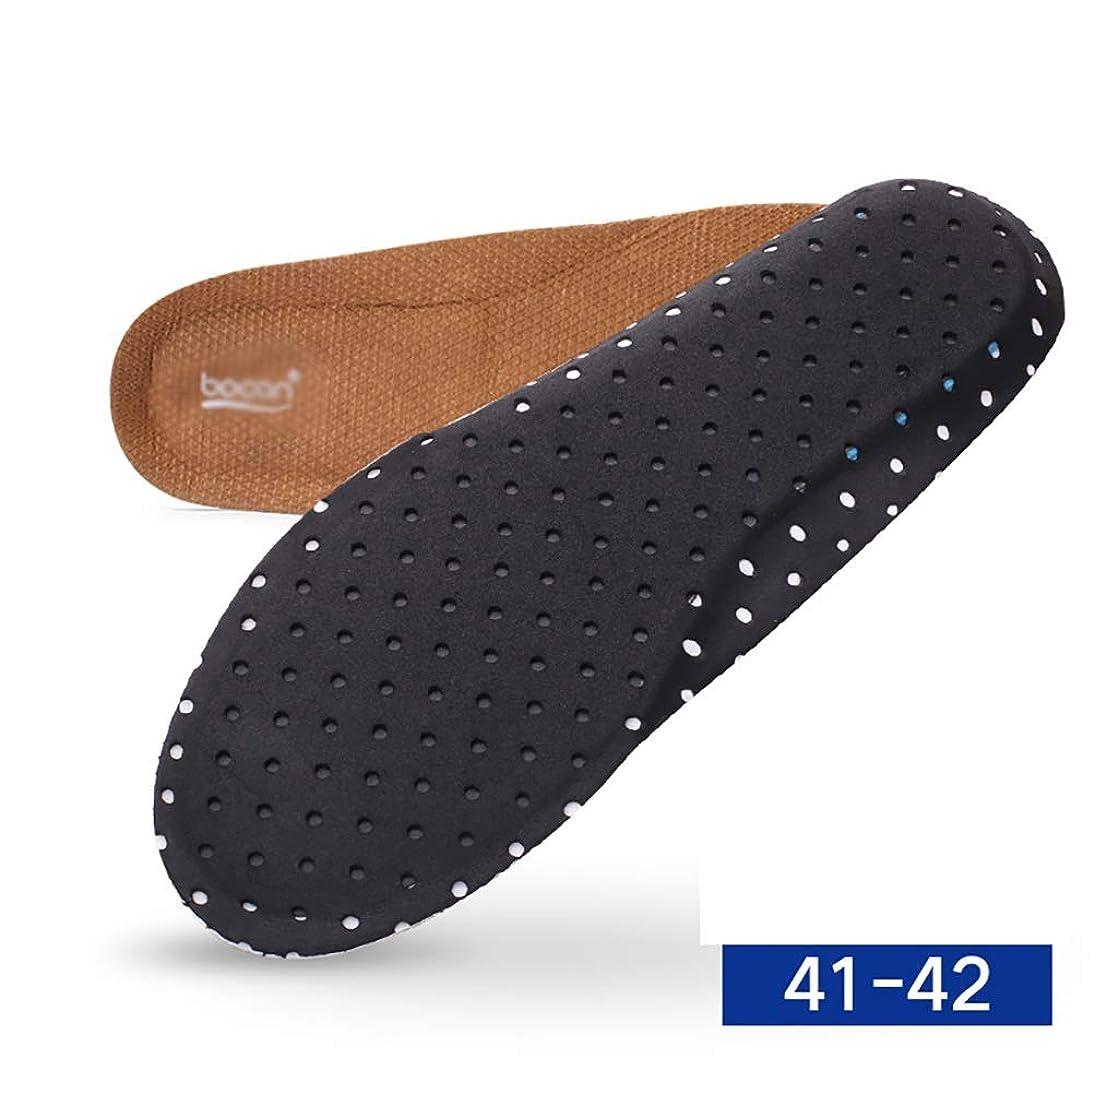 トーナメント高速道路スーパーマーケット作業靴 作業安全インソール、耐パンク性スチールインソール、男性と女性のインソール用通気性抗菌保護靴-消臭穴 安全靴 (Color : B)